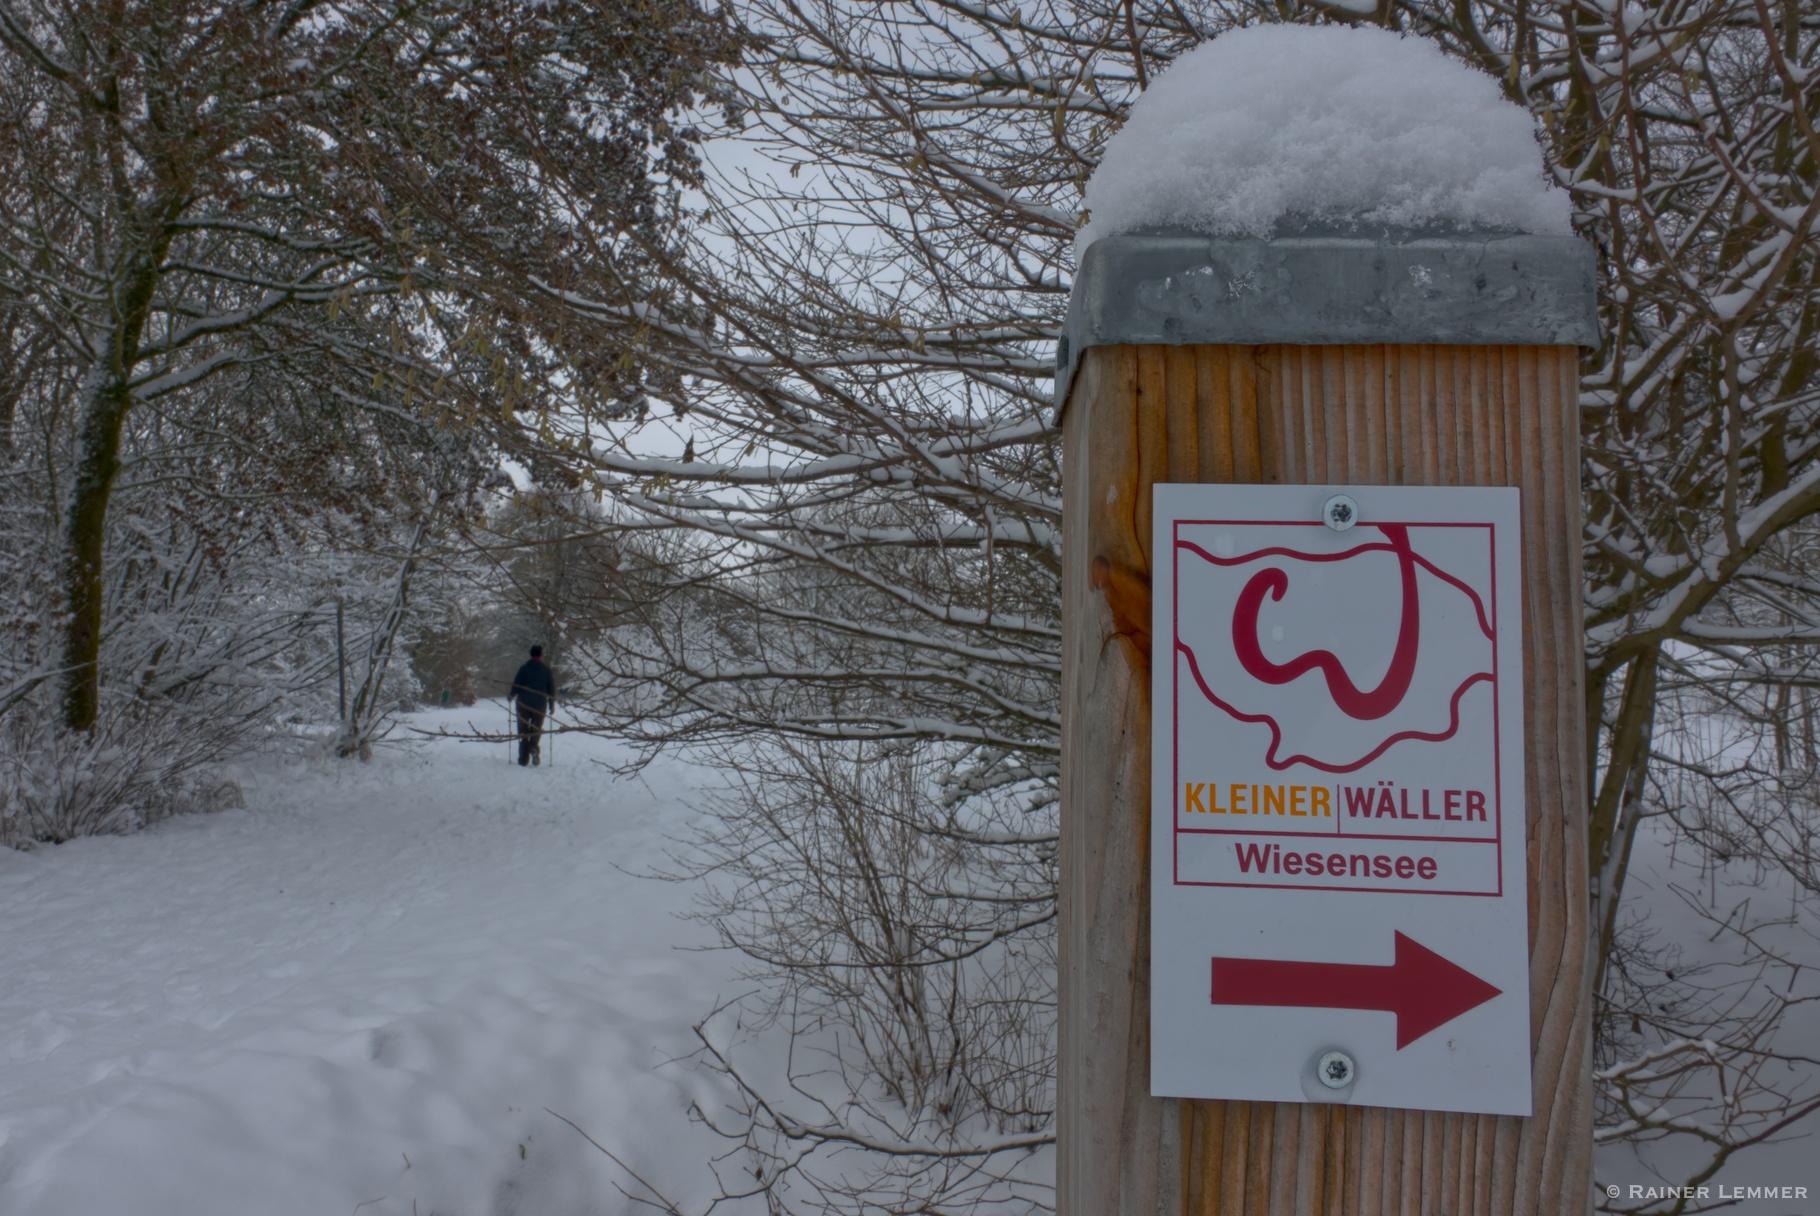 6 km Winterspaziergang Kleiner Wäller Wiesensee